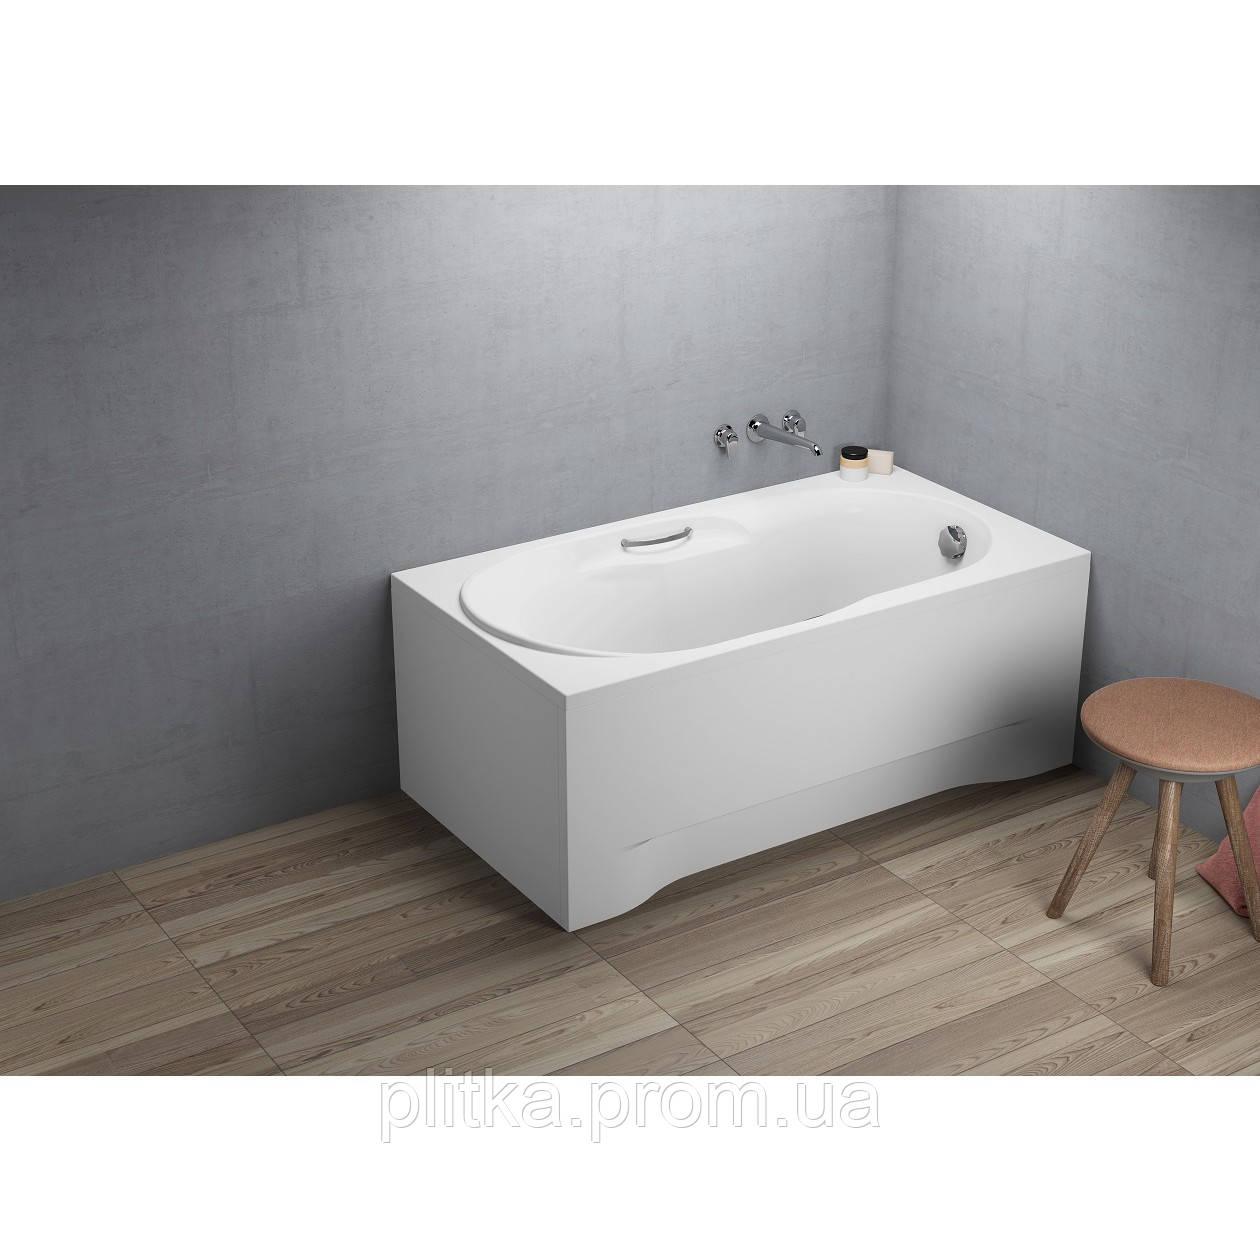 Ванна прямоугольная LUX 140x75